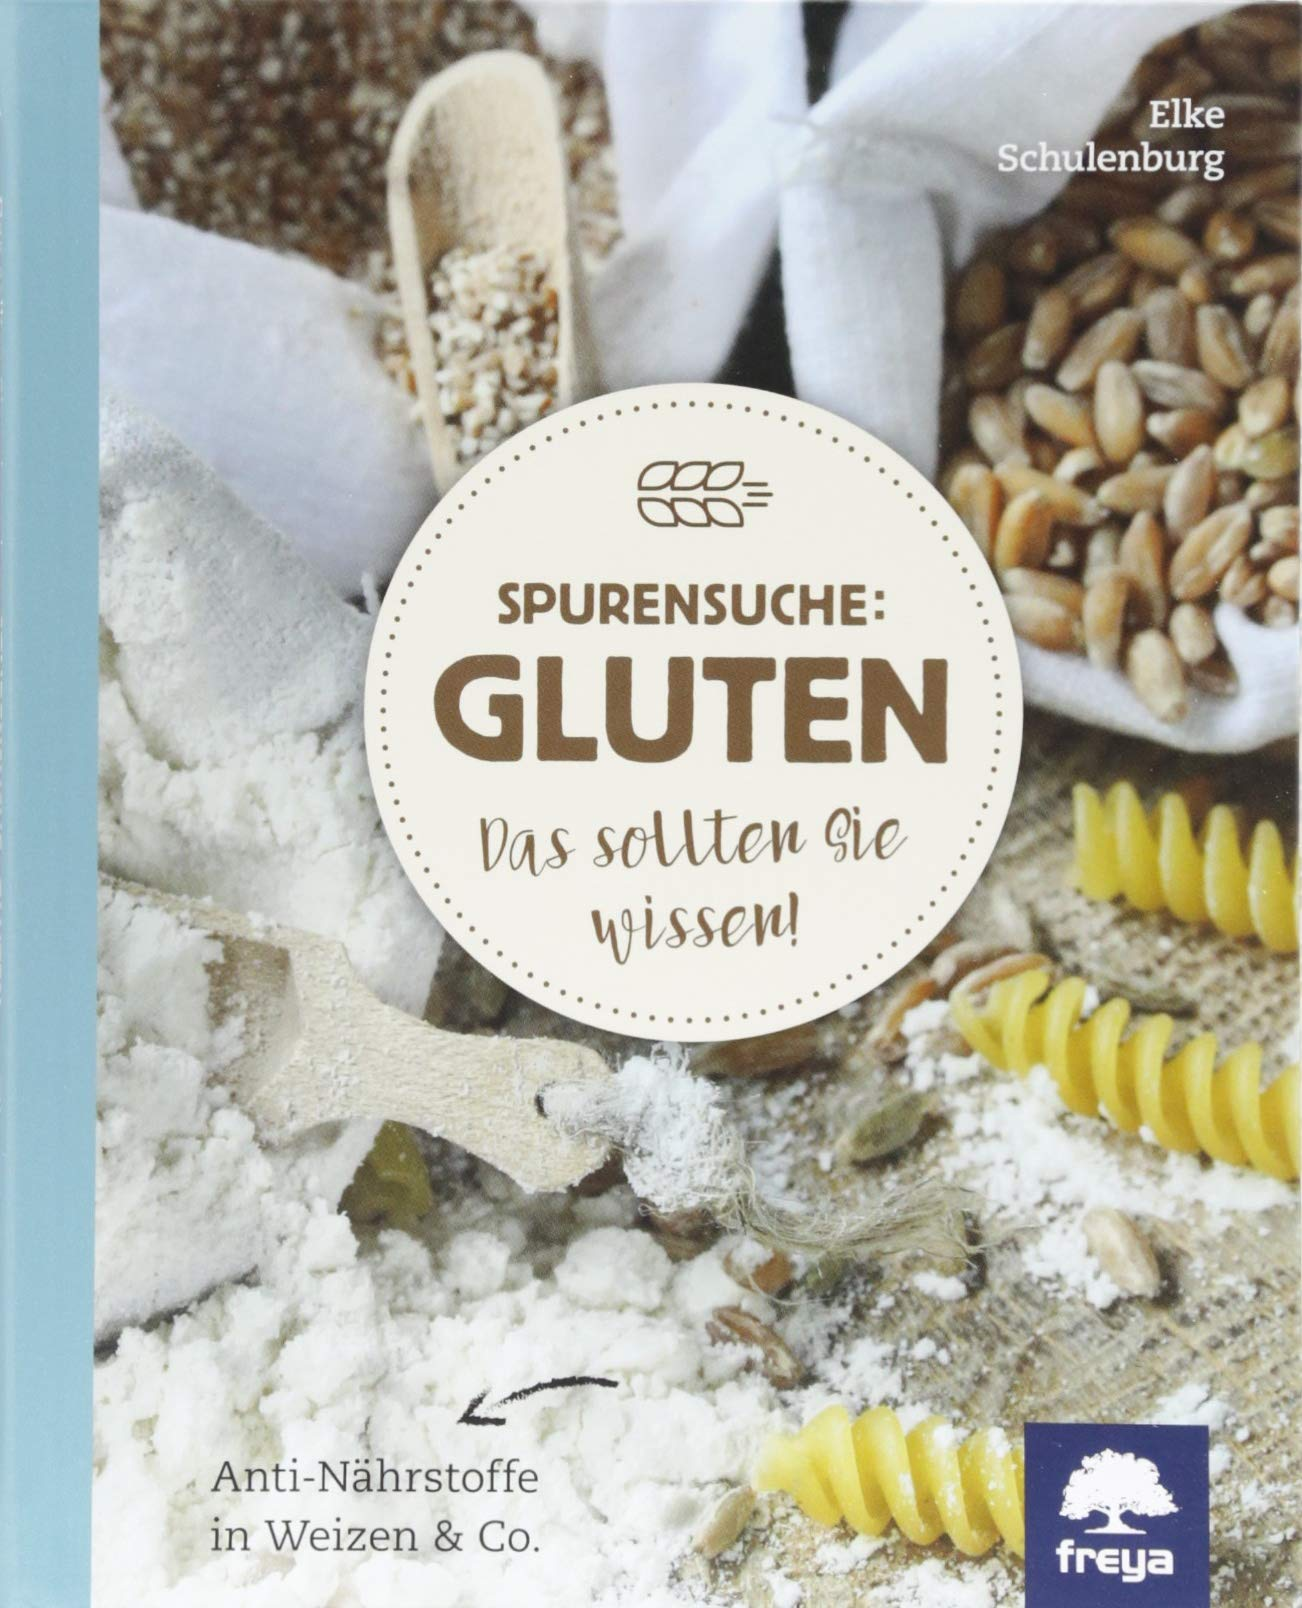 Spurensuche: Gluten: Das sollten Sie wissen!